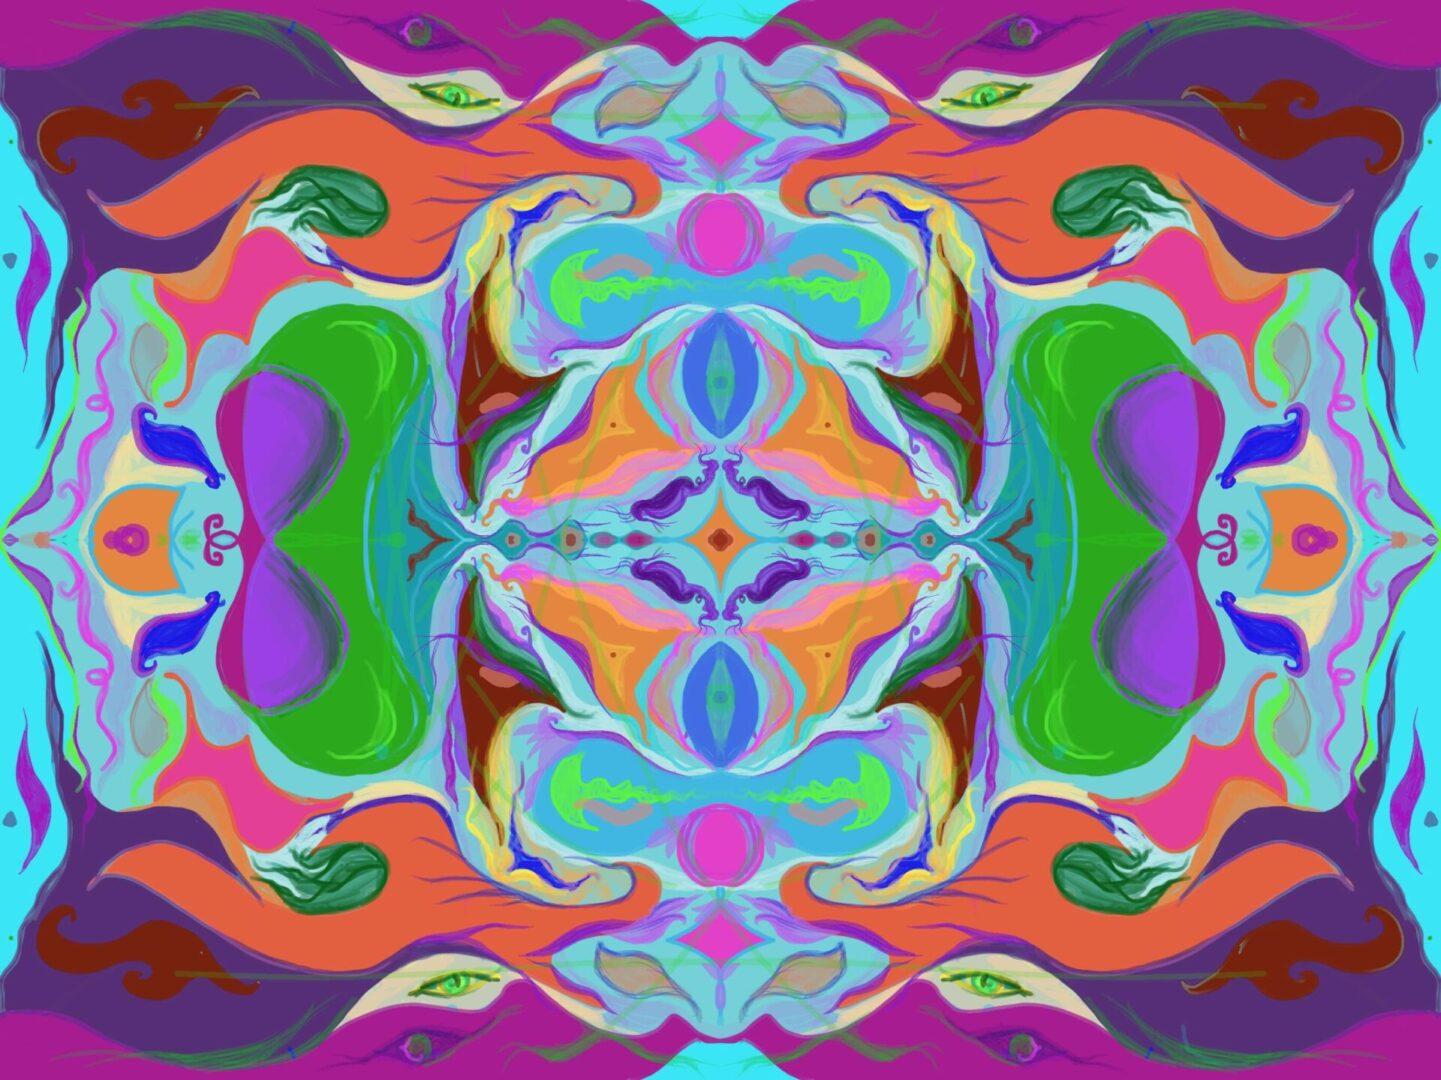 Gallery of Digital Art